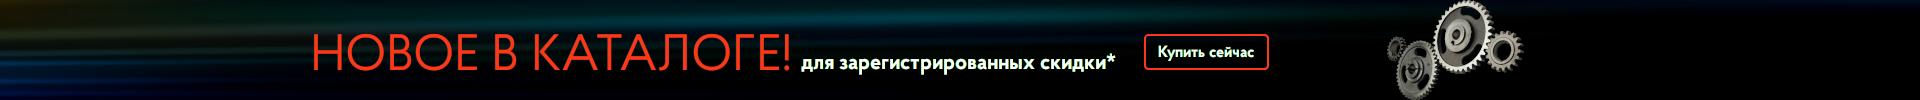 Новое в каталоге УралДетальСервис